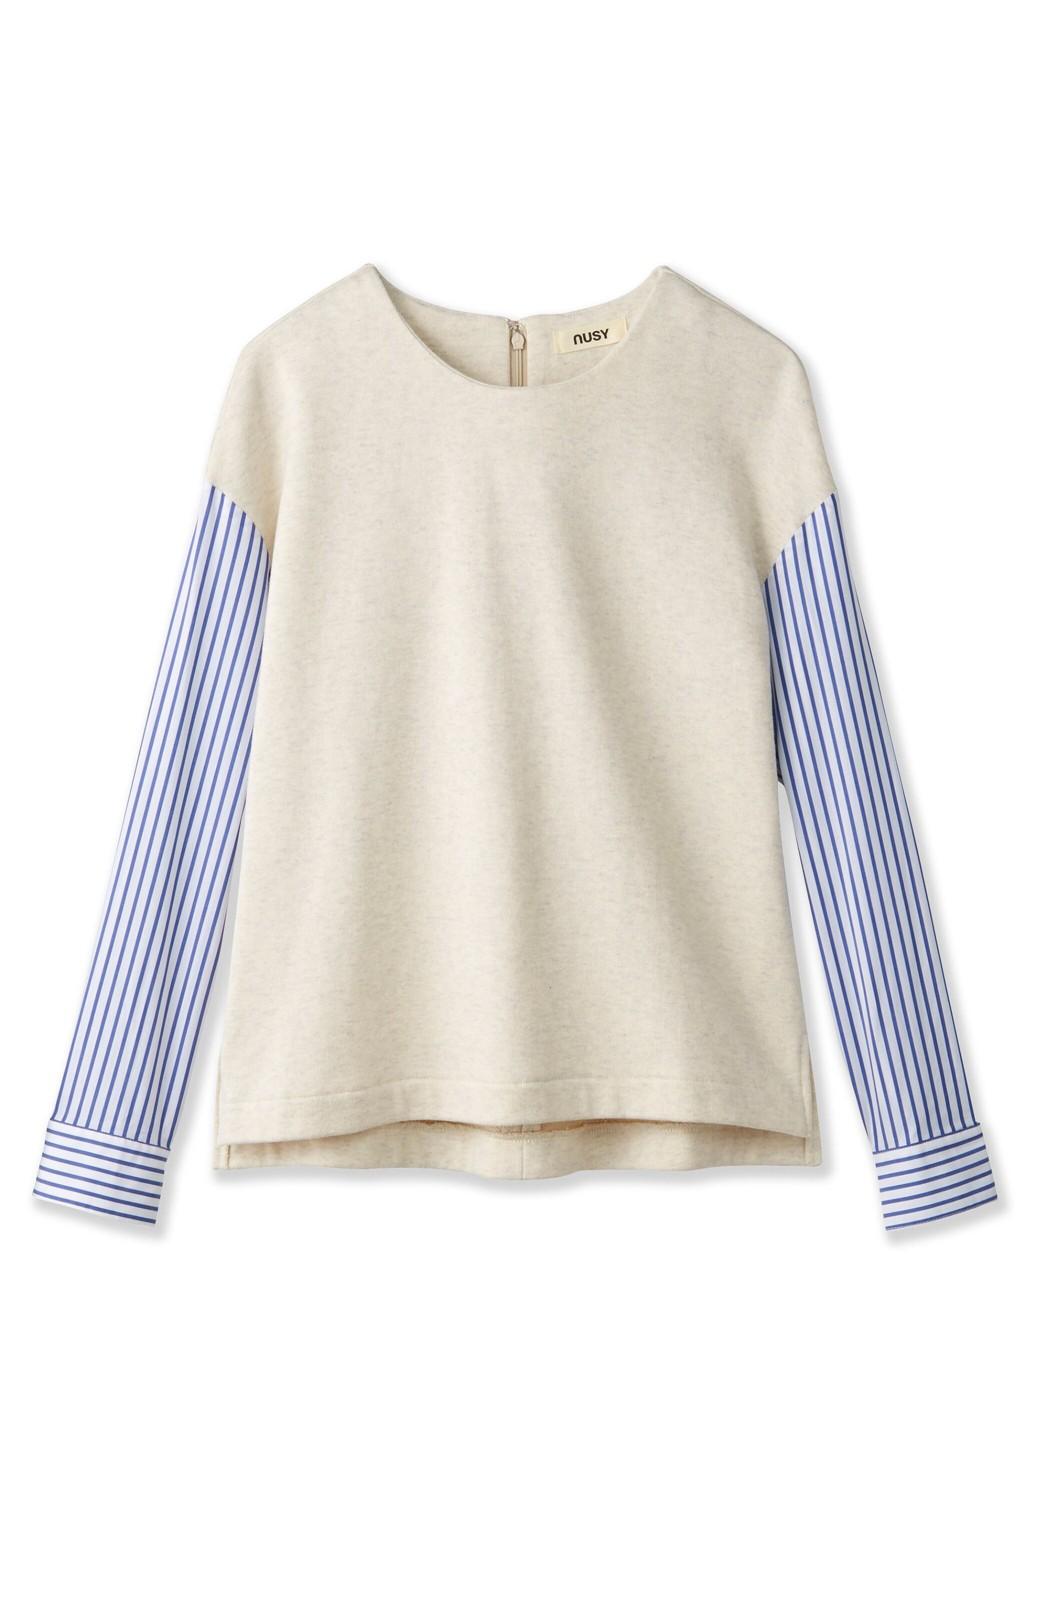 nusy ぱっと着るだけで簡単なのにスウェットより油断してなく見える、シャツ袖スウェット <オートミール>の商品写真1